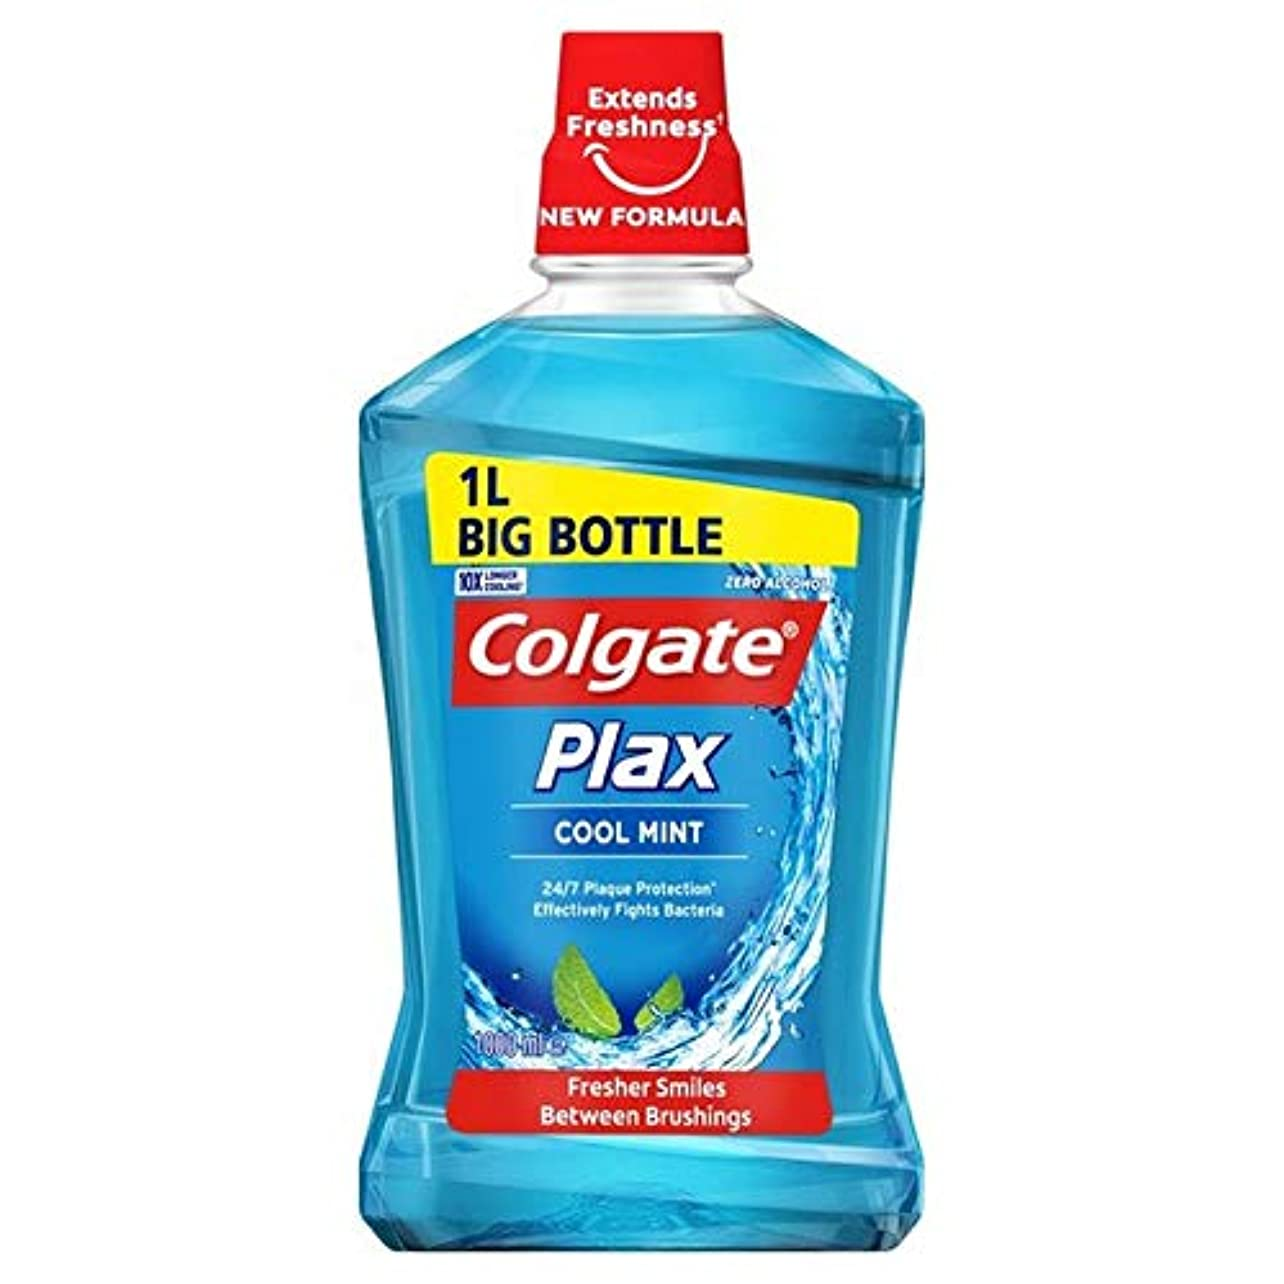 転倒百科事典必需品[Colgate ] コルゲートPlaxクールミントマウスウォッシュ1リットル - Colgate Plax Cool Mint Mouthwash 1L [並行輸入品]